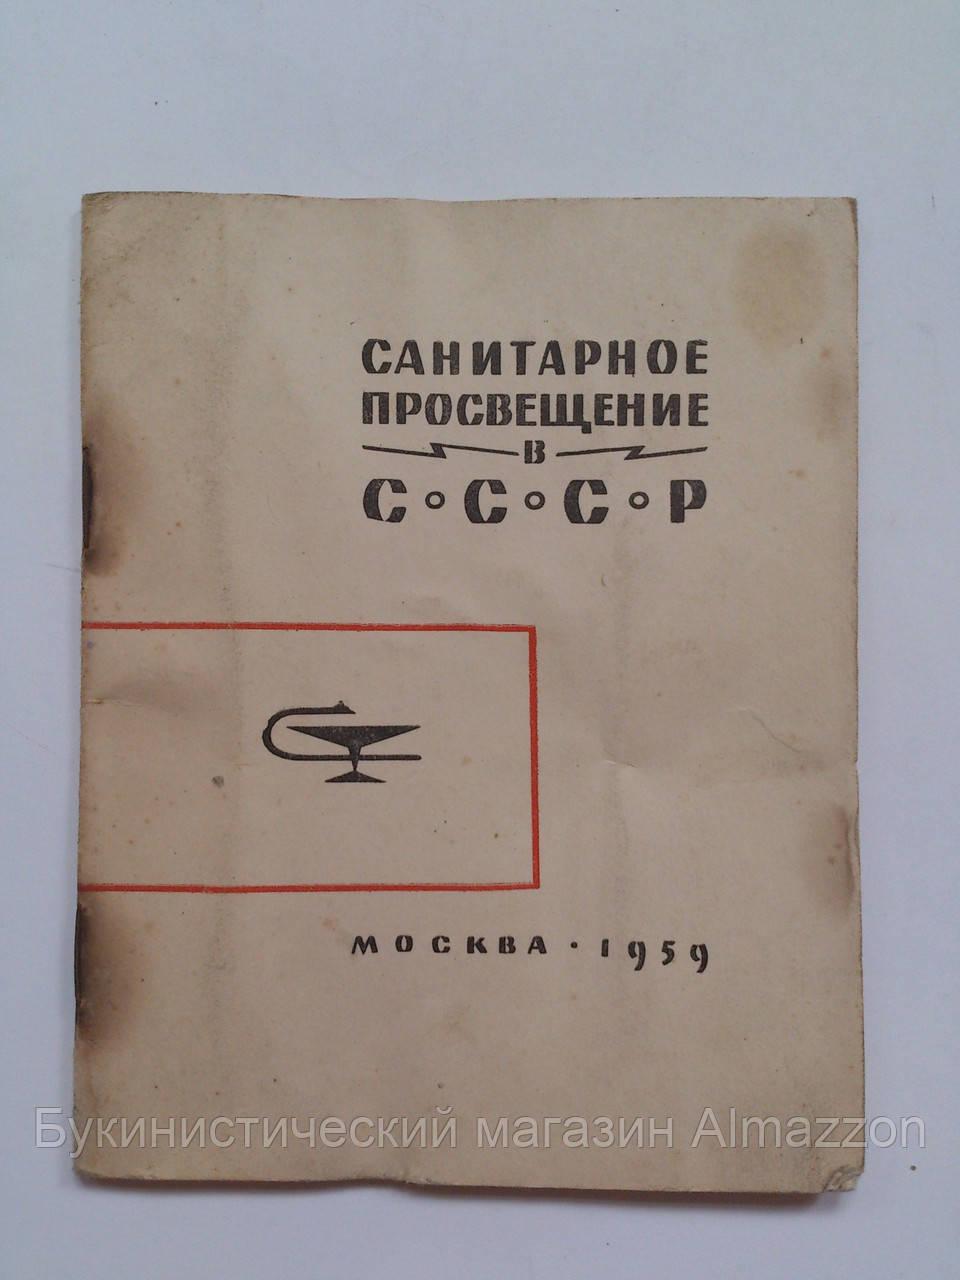 Санитарное просвещение в СССР. 1959 год